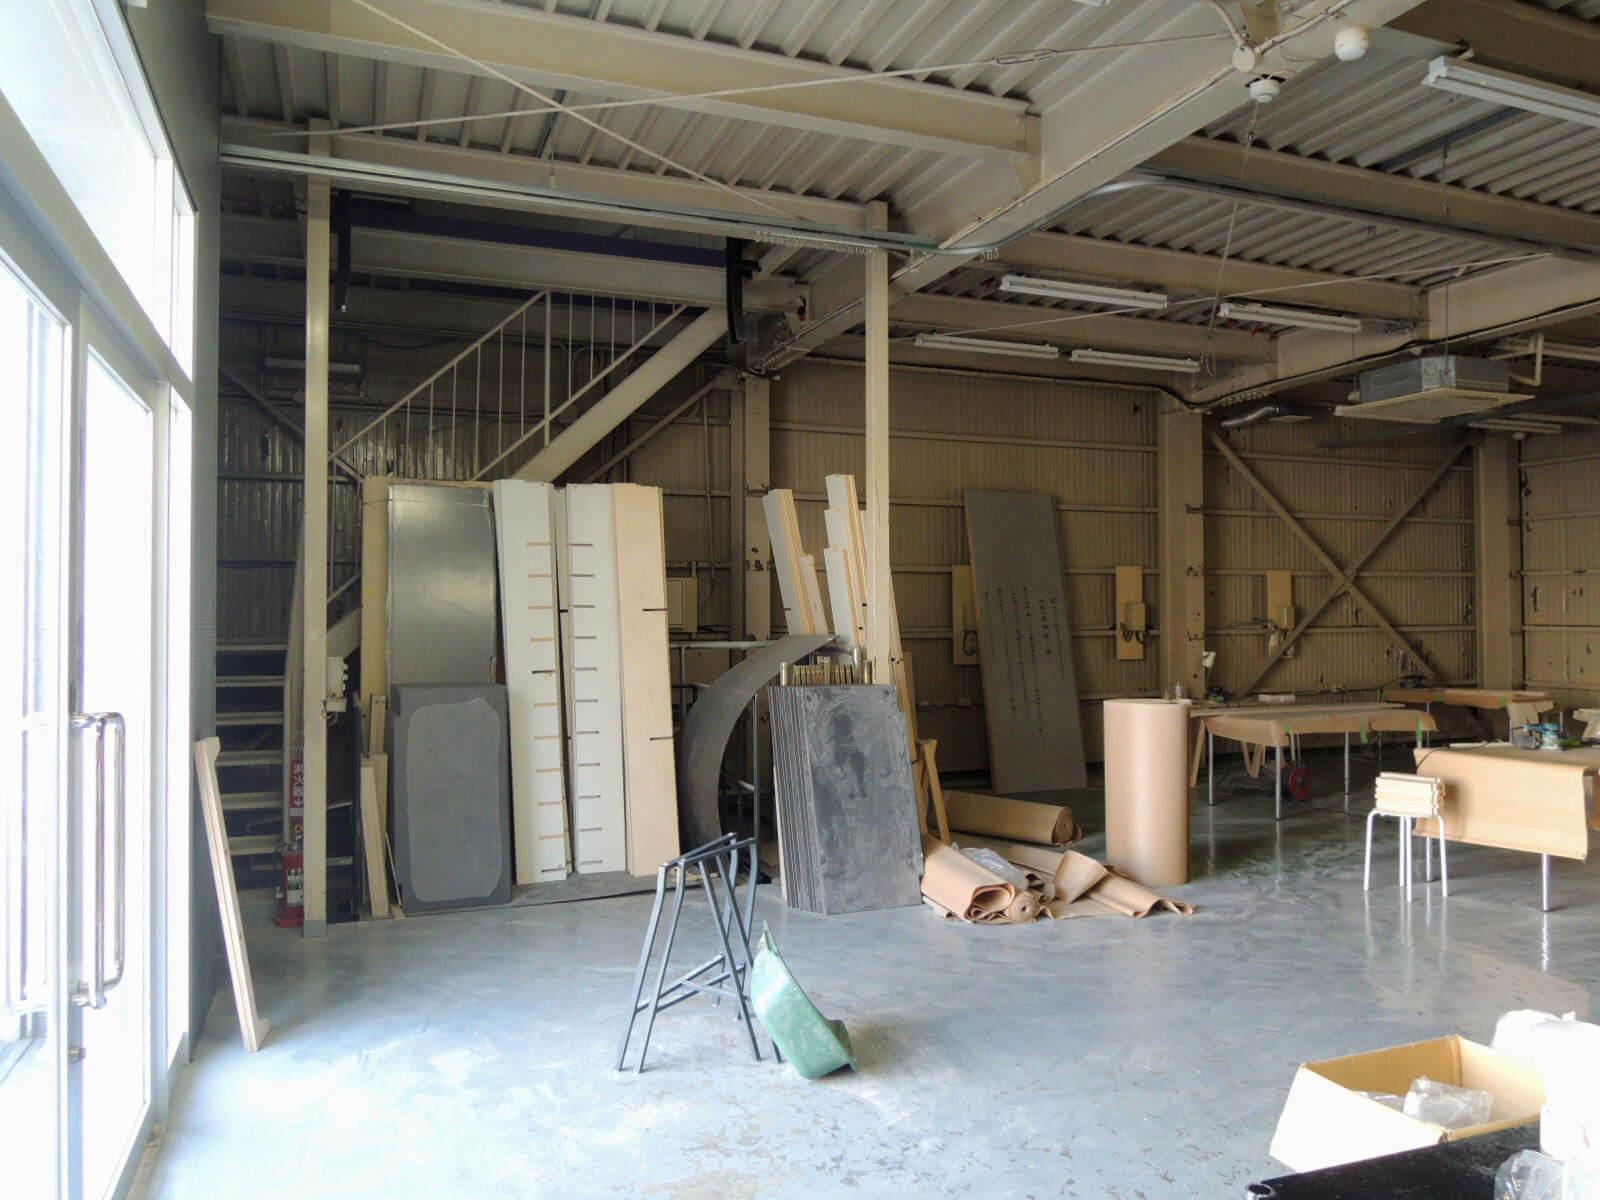 階段前、板が並んだ部分がダムウェーター。荷物の移動に。